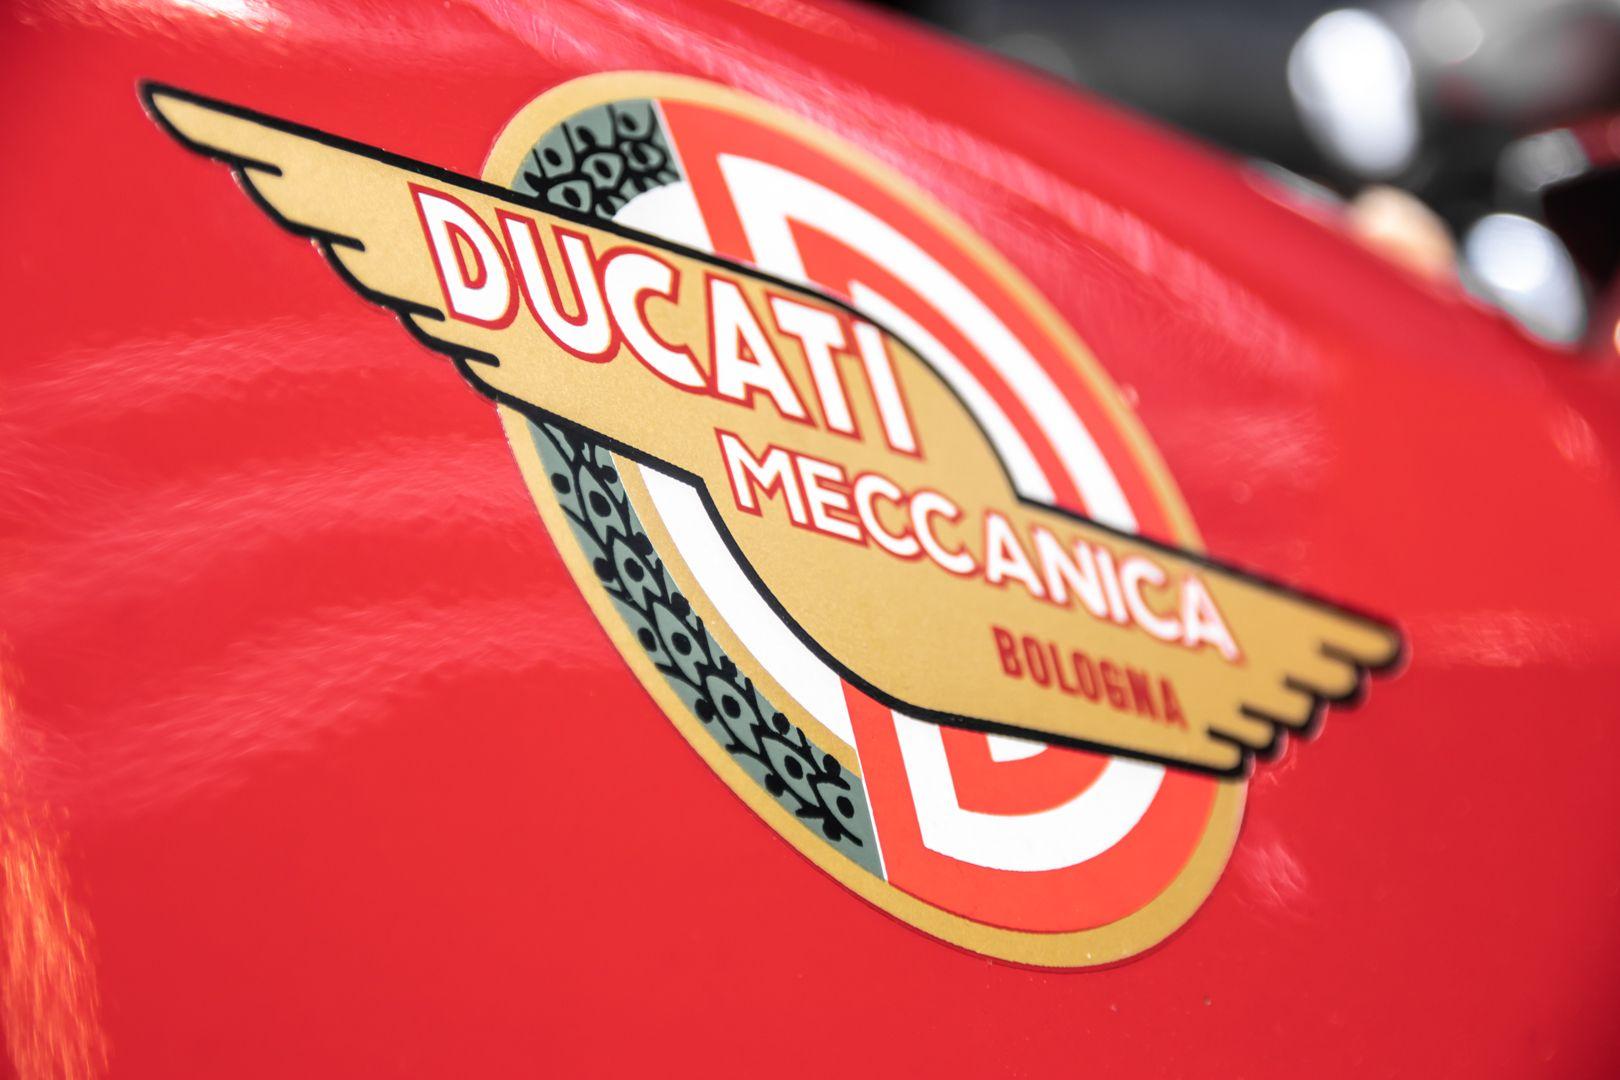 1957 Ducati 125 Bialbero Corsa 77182